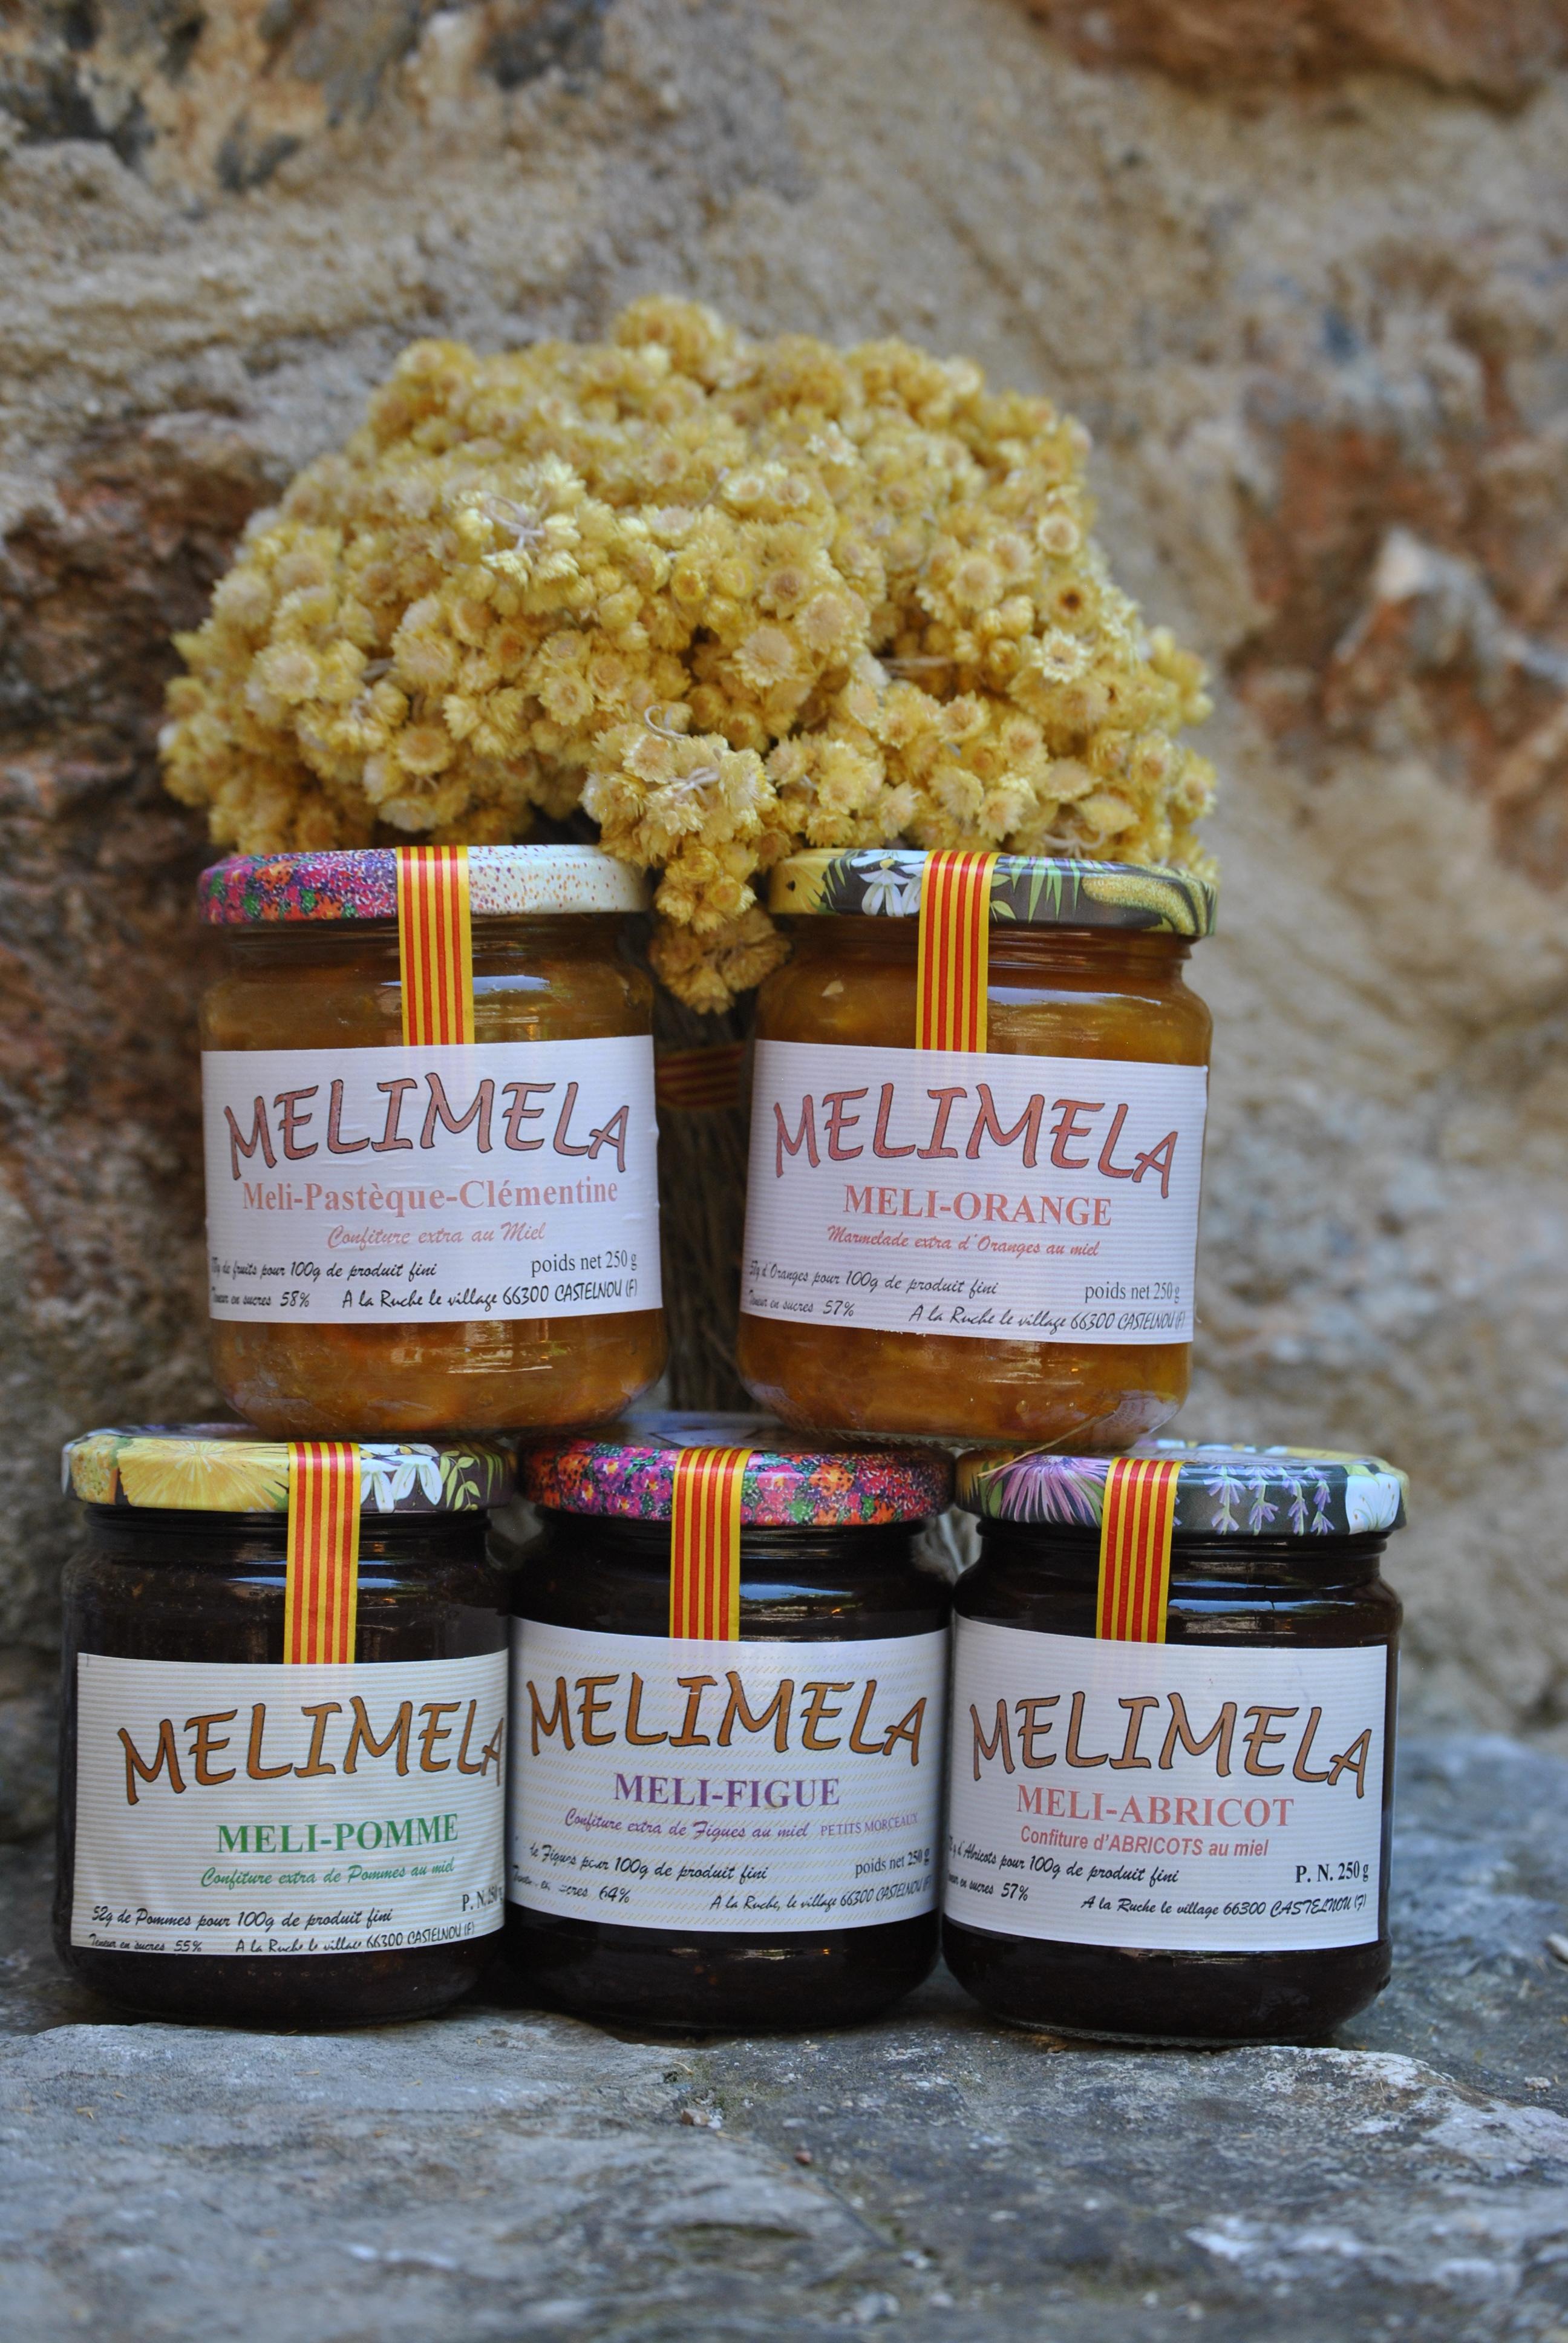 Confiture au miel et fruits bio : 230g